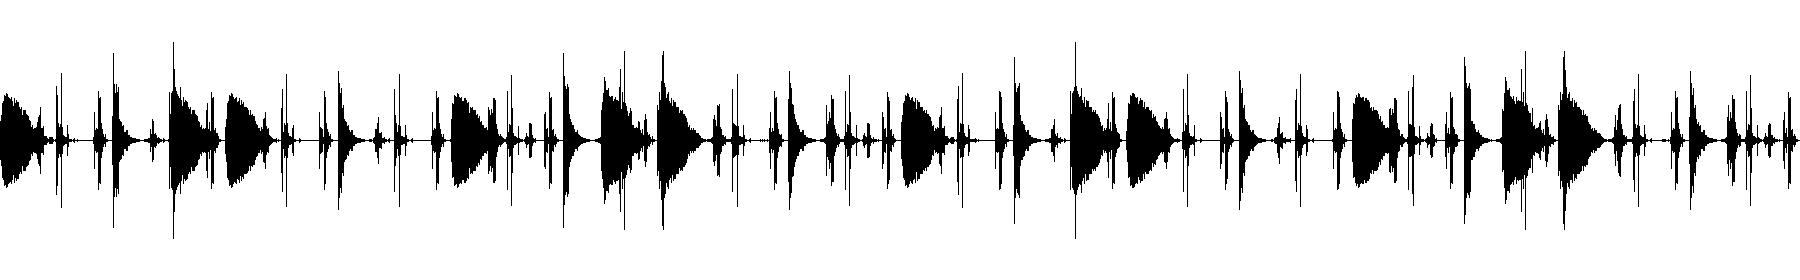 90 drumloop sp 04